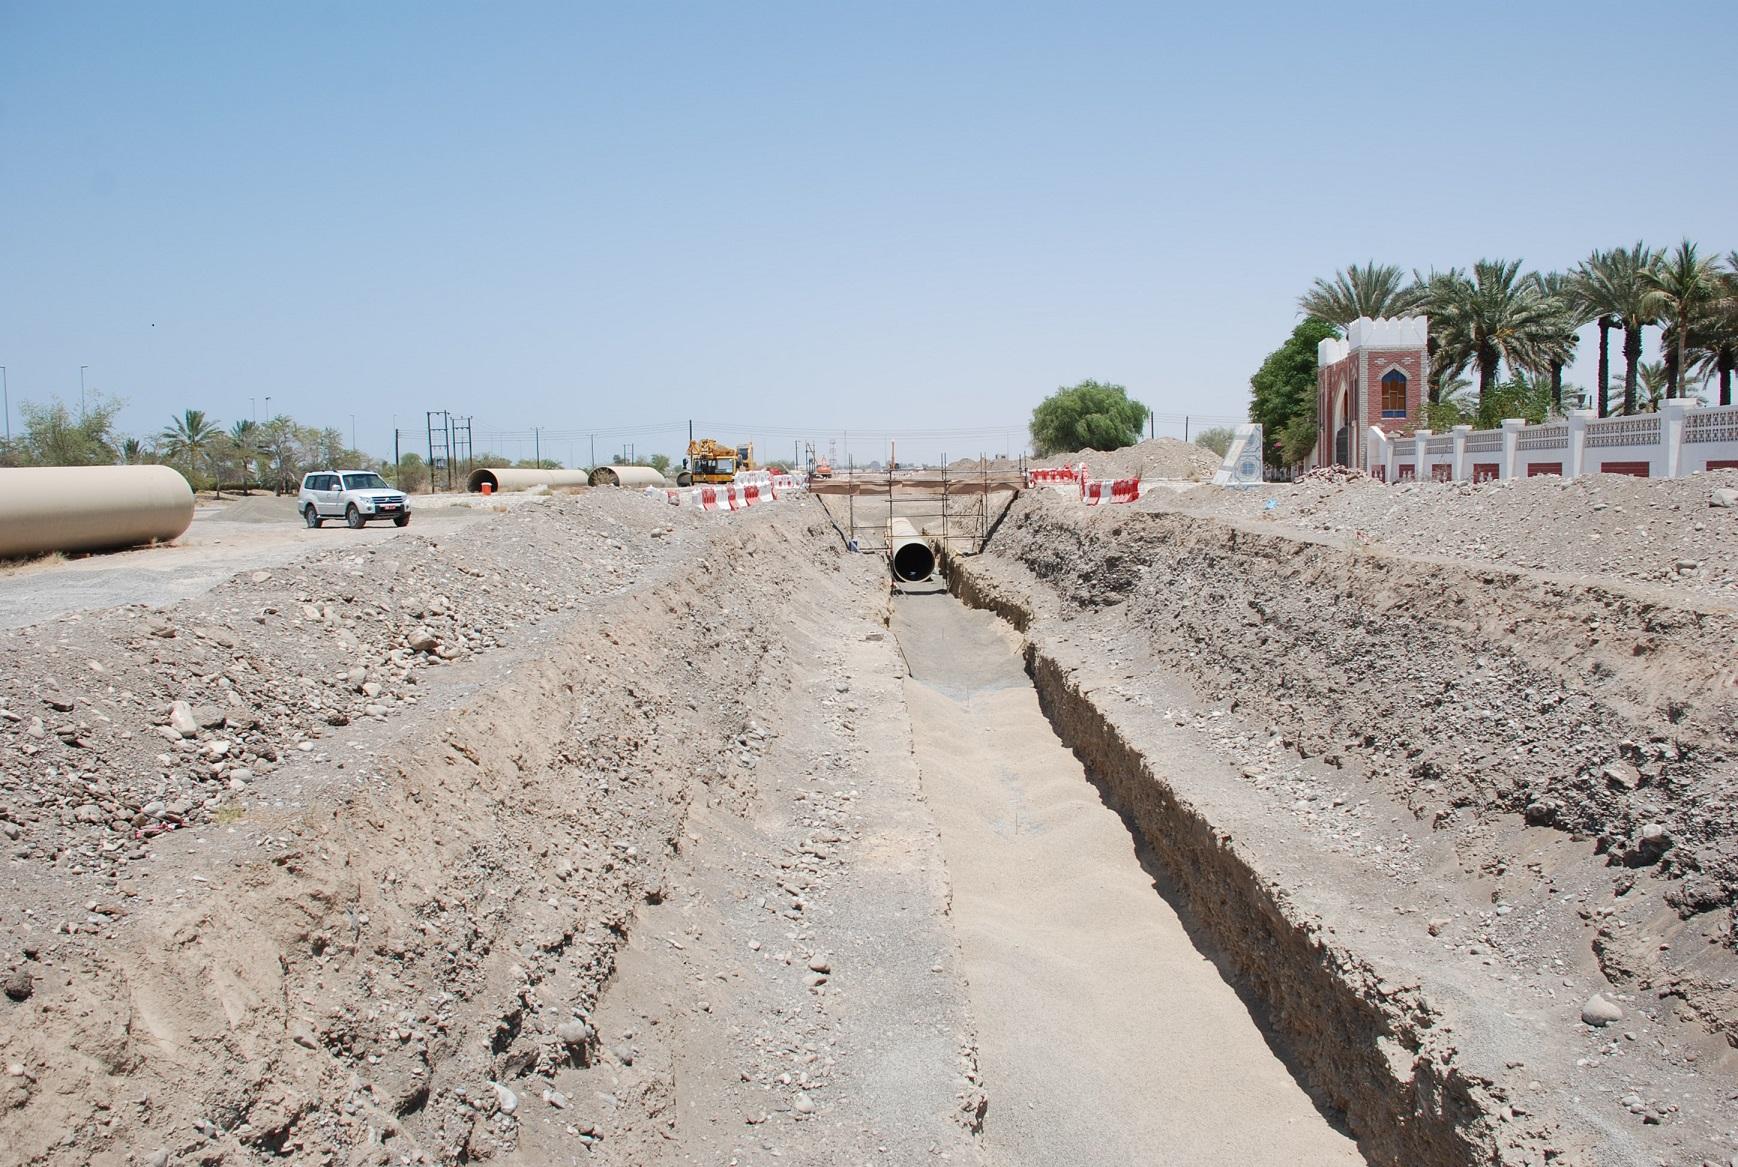 حيا للمياه تشرع في التشغيل التجريبي للتوسعة الجديدة لمحطة بركاء للصرف الصحي